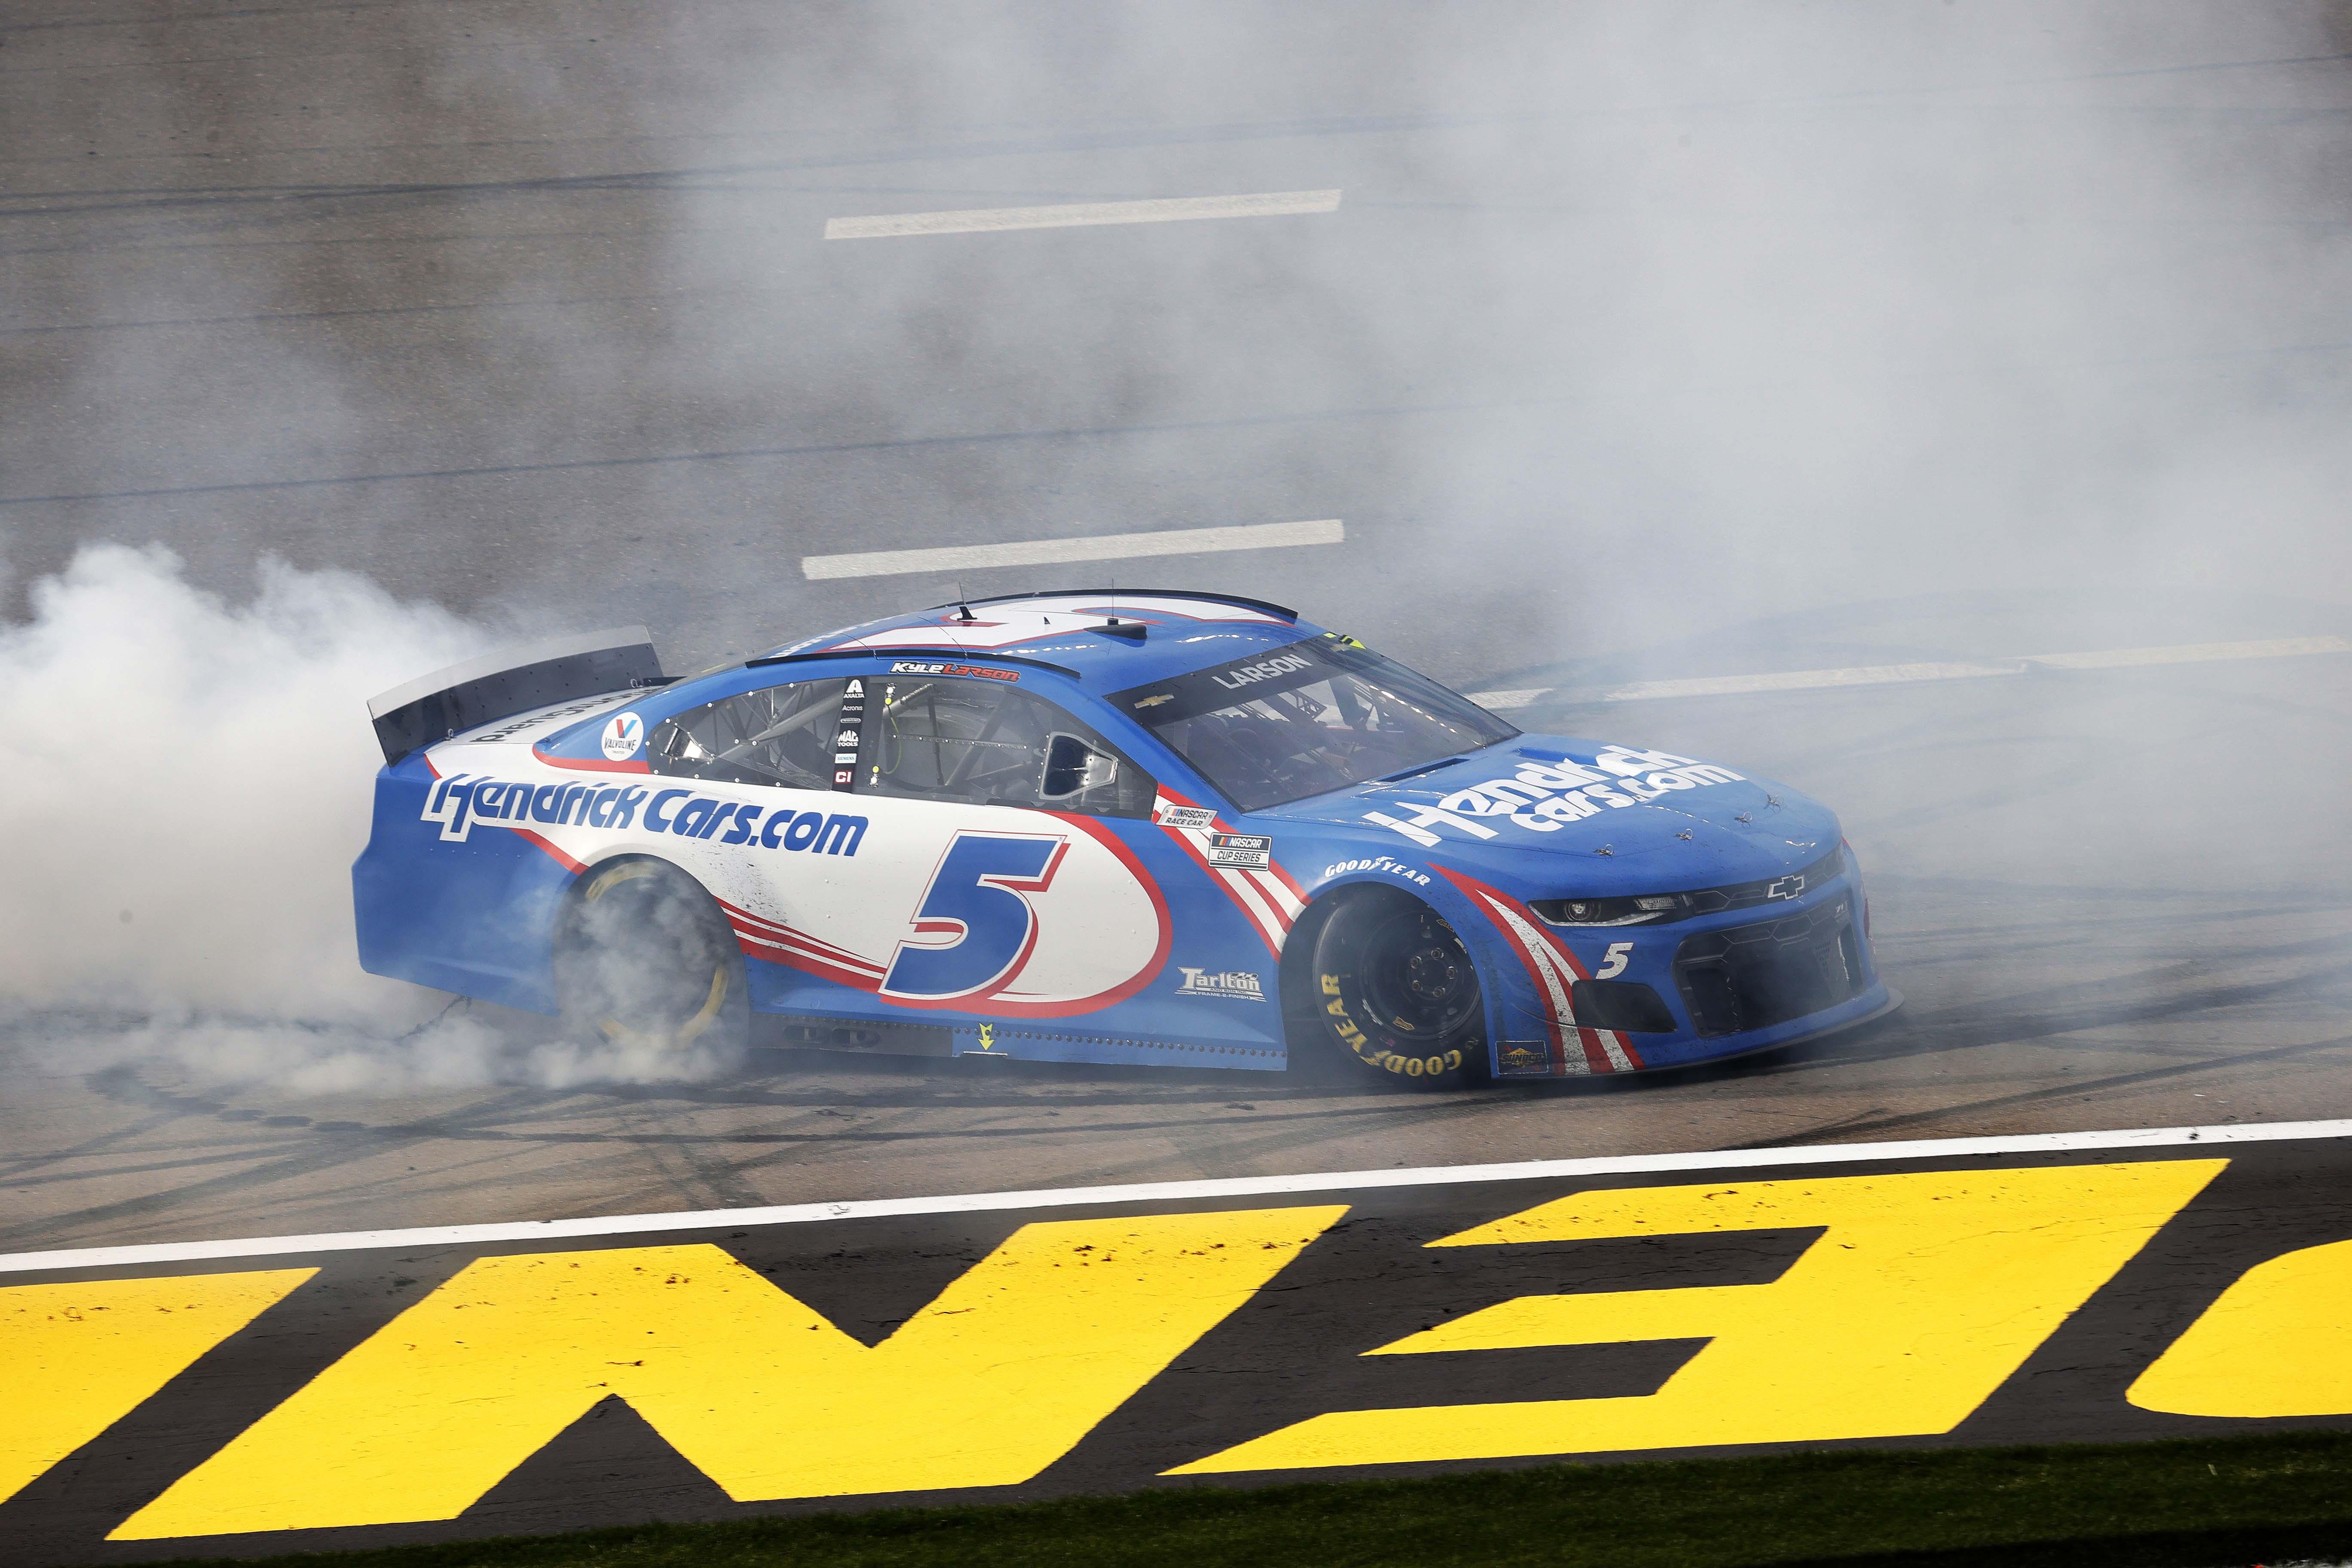 Kyle Larson wins at Las Vegas Motor Speedway - NASCAR Cup Series - Burnout